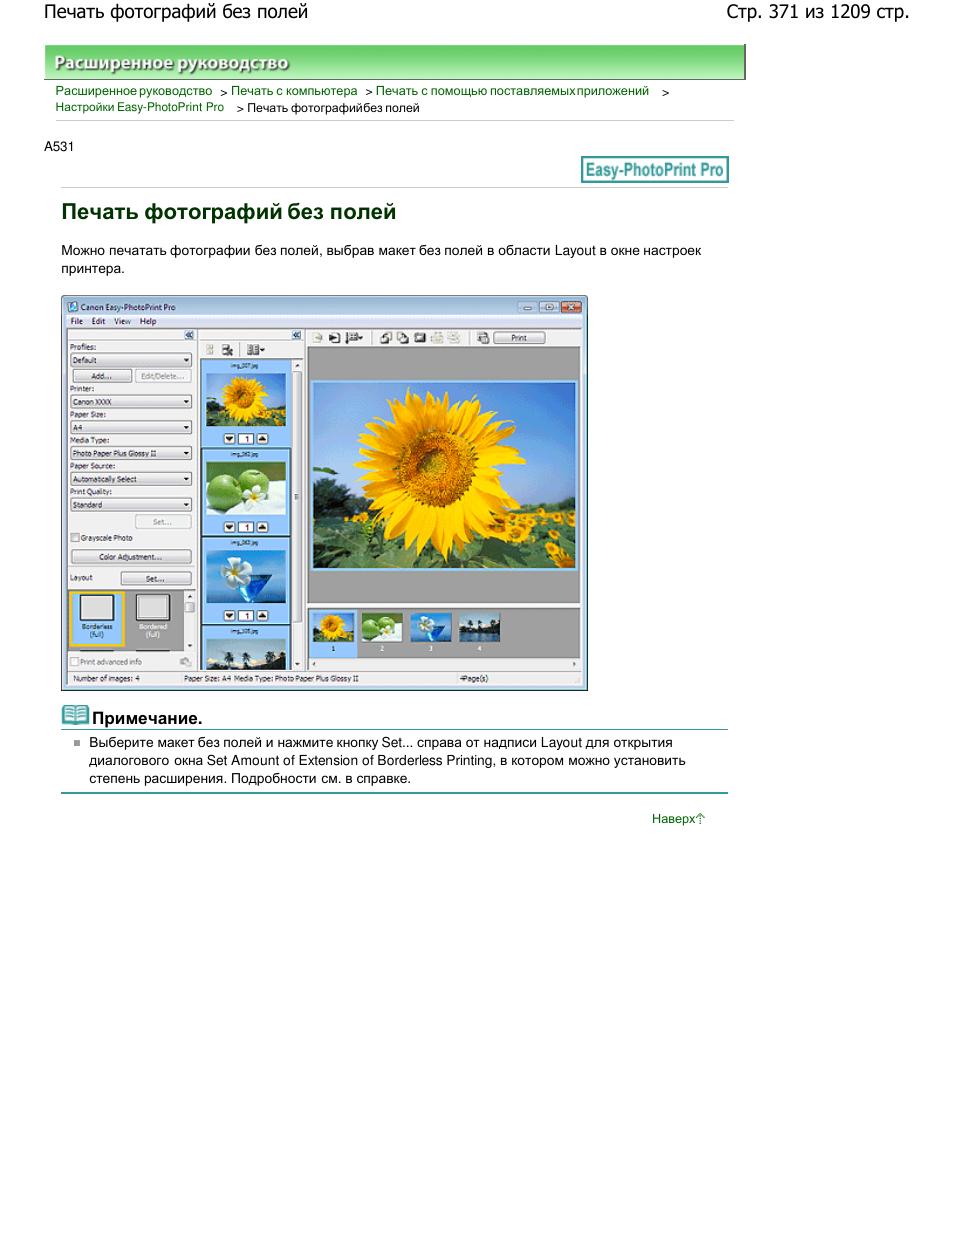 как напечатать фотографию без полей